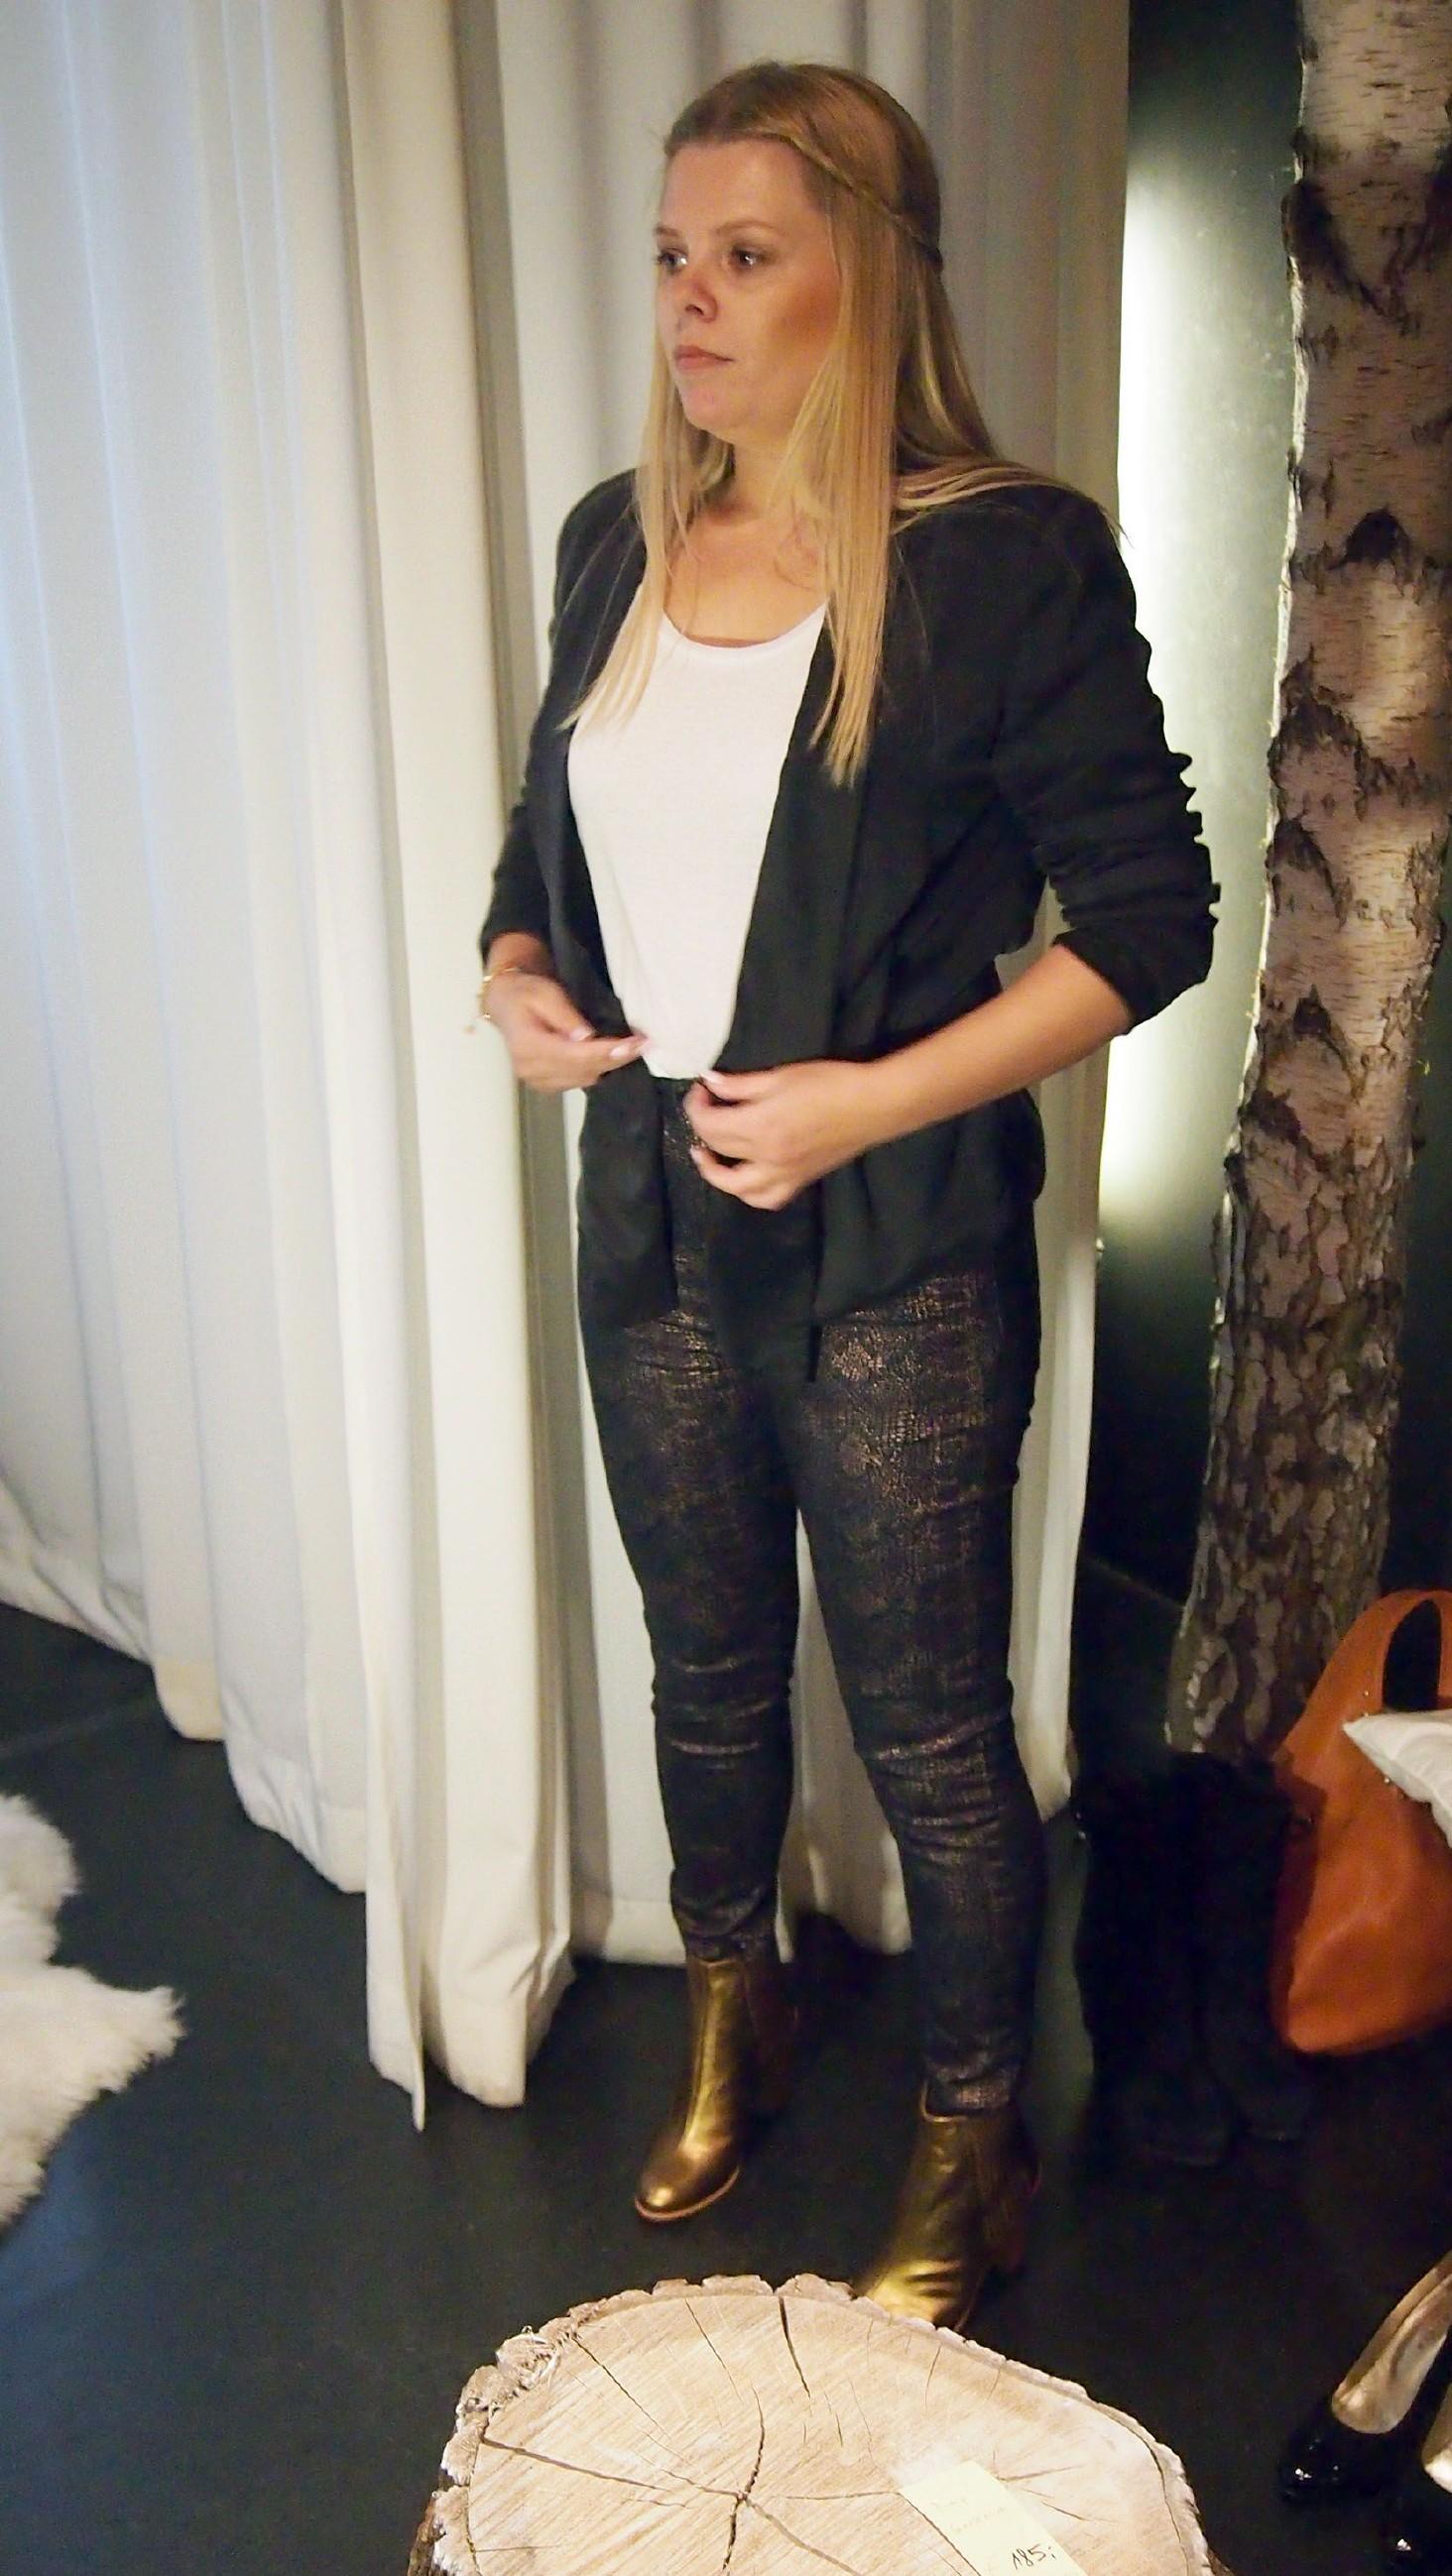 Anne Marie Briest anne-sophie briest net worth, height, weight, age, wiki